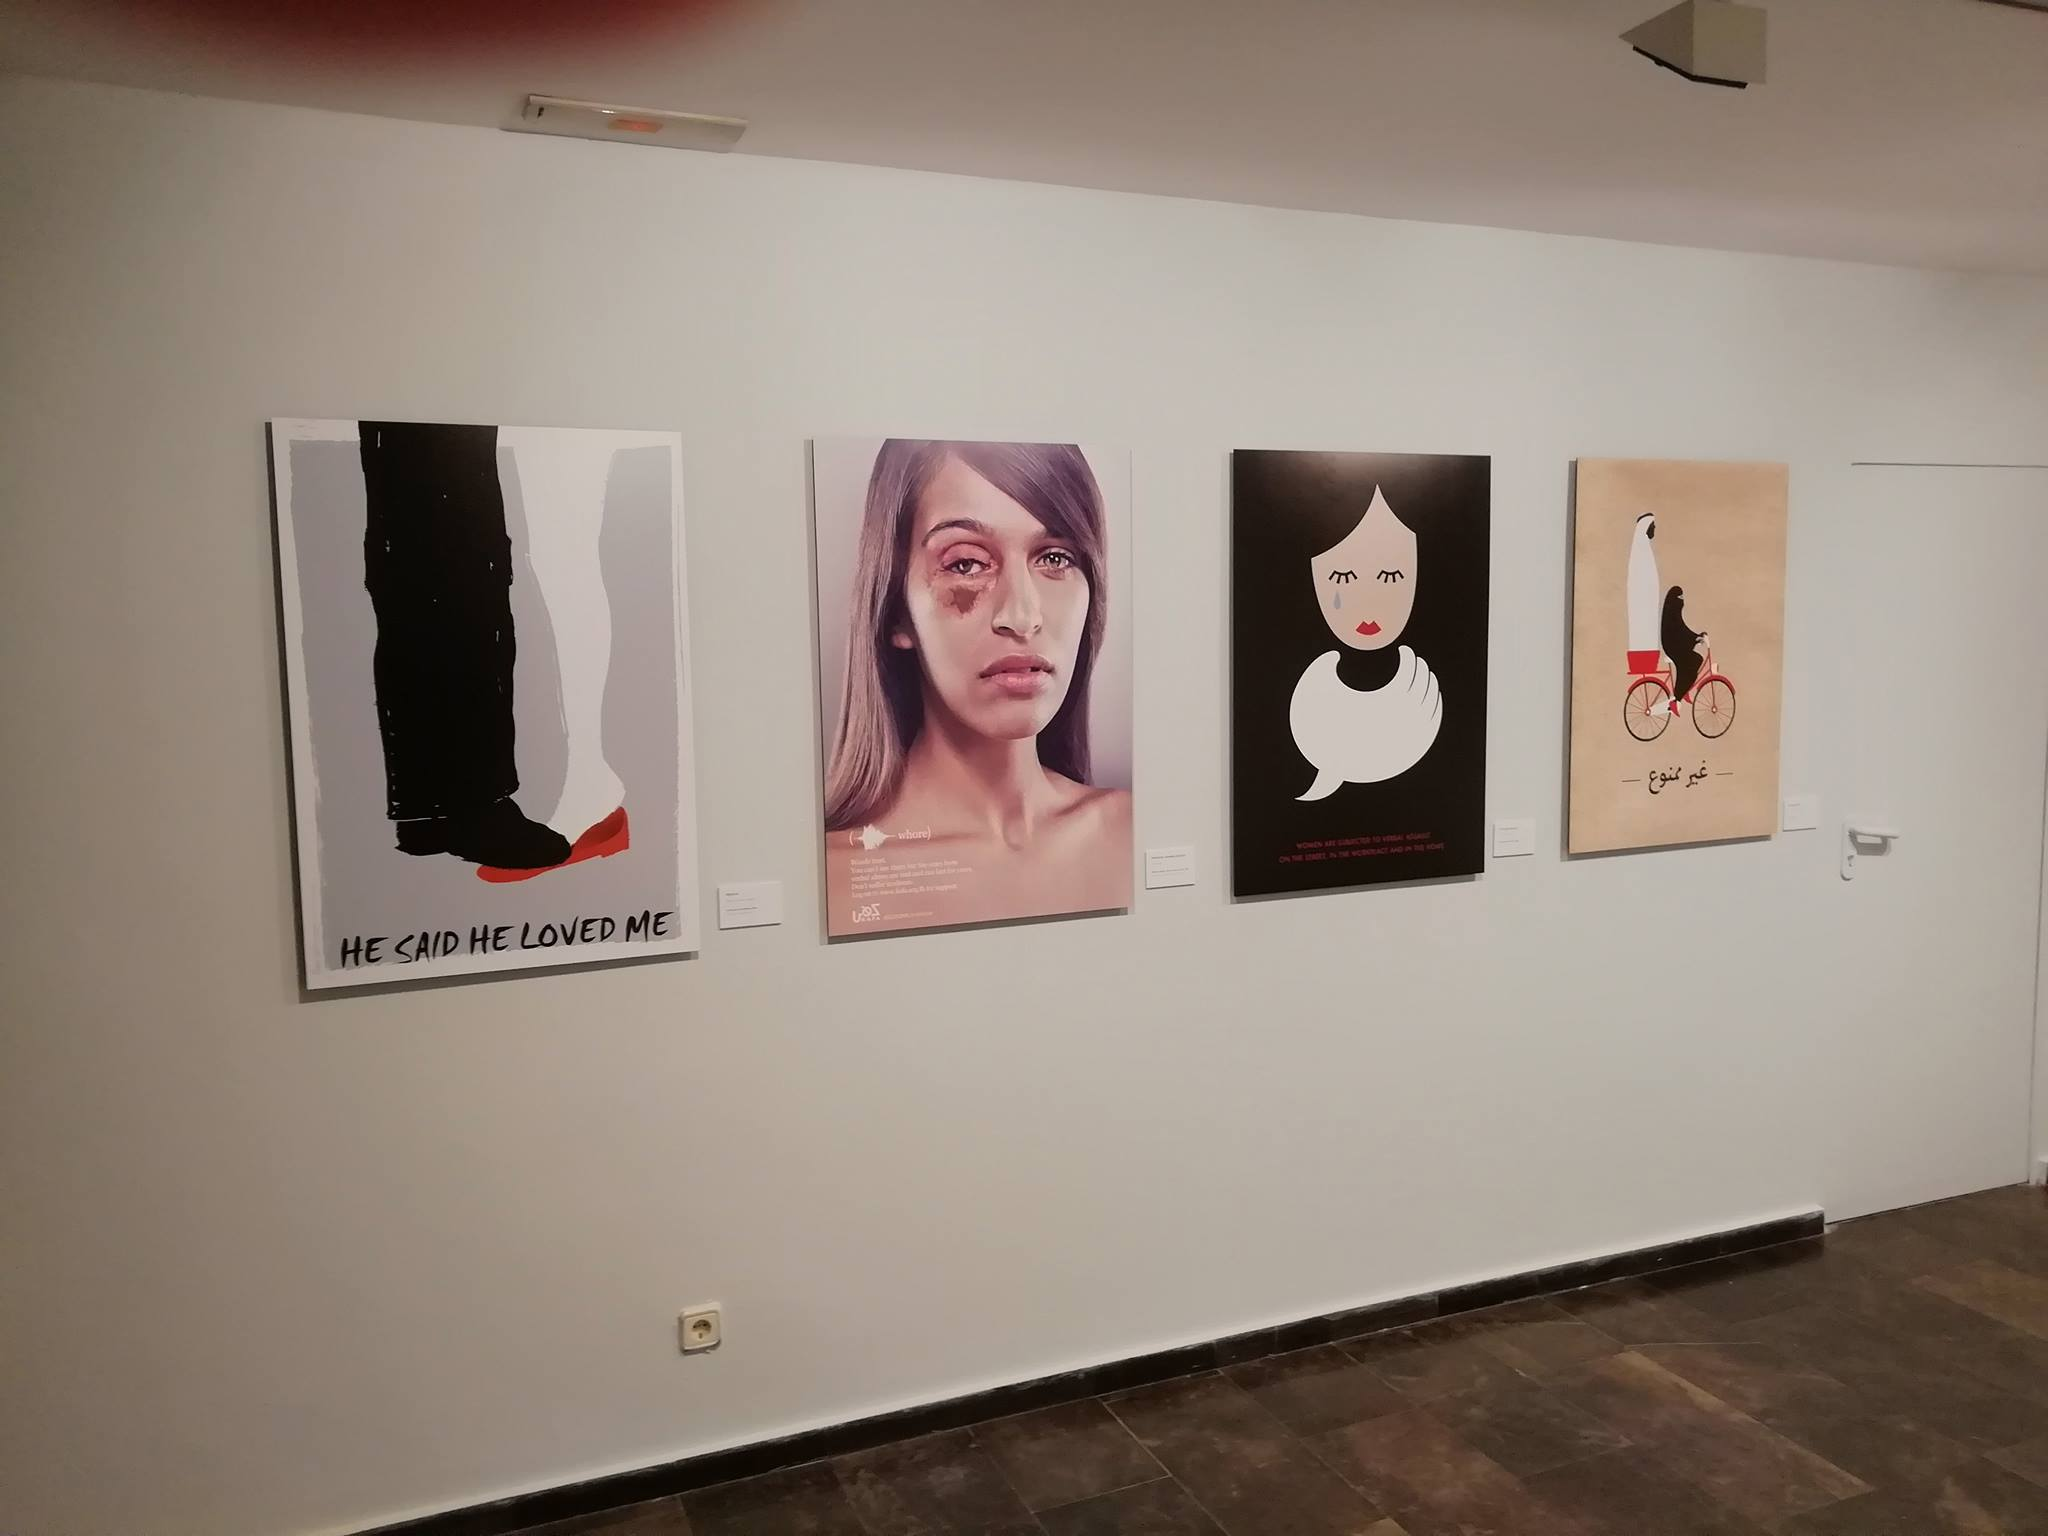 Sala de Exposiciones 4th Espacio de Zaragoza, Spain, 2019 3 5 posters from the WRHR exhibition's 95 posters were selected to be on display.